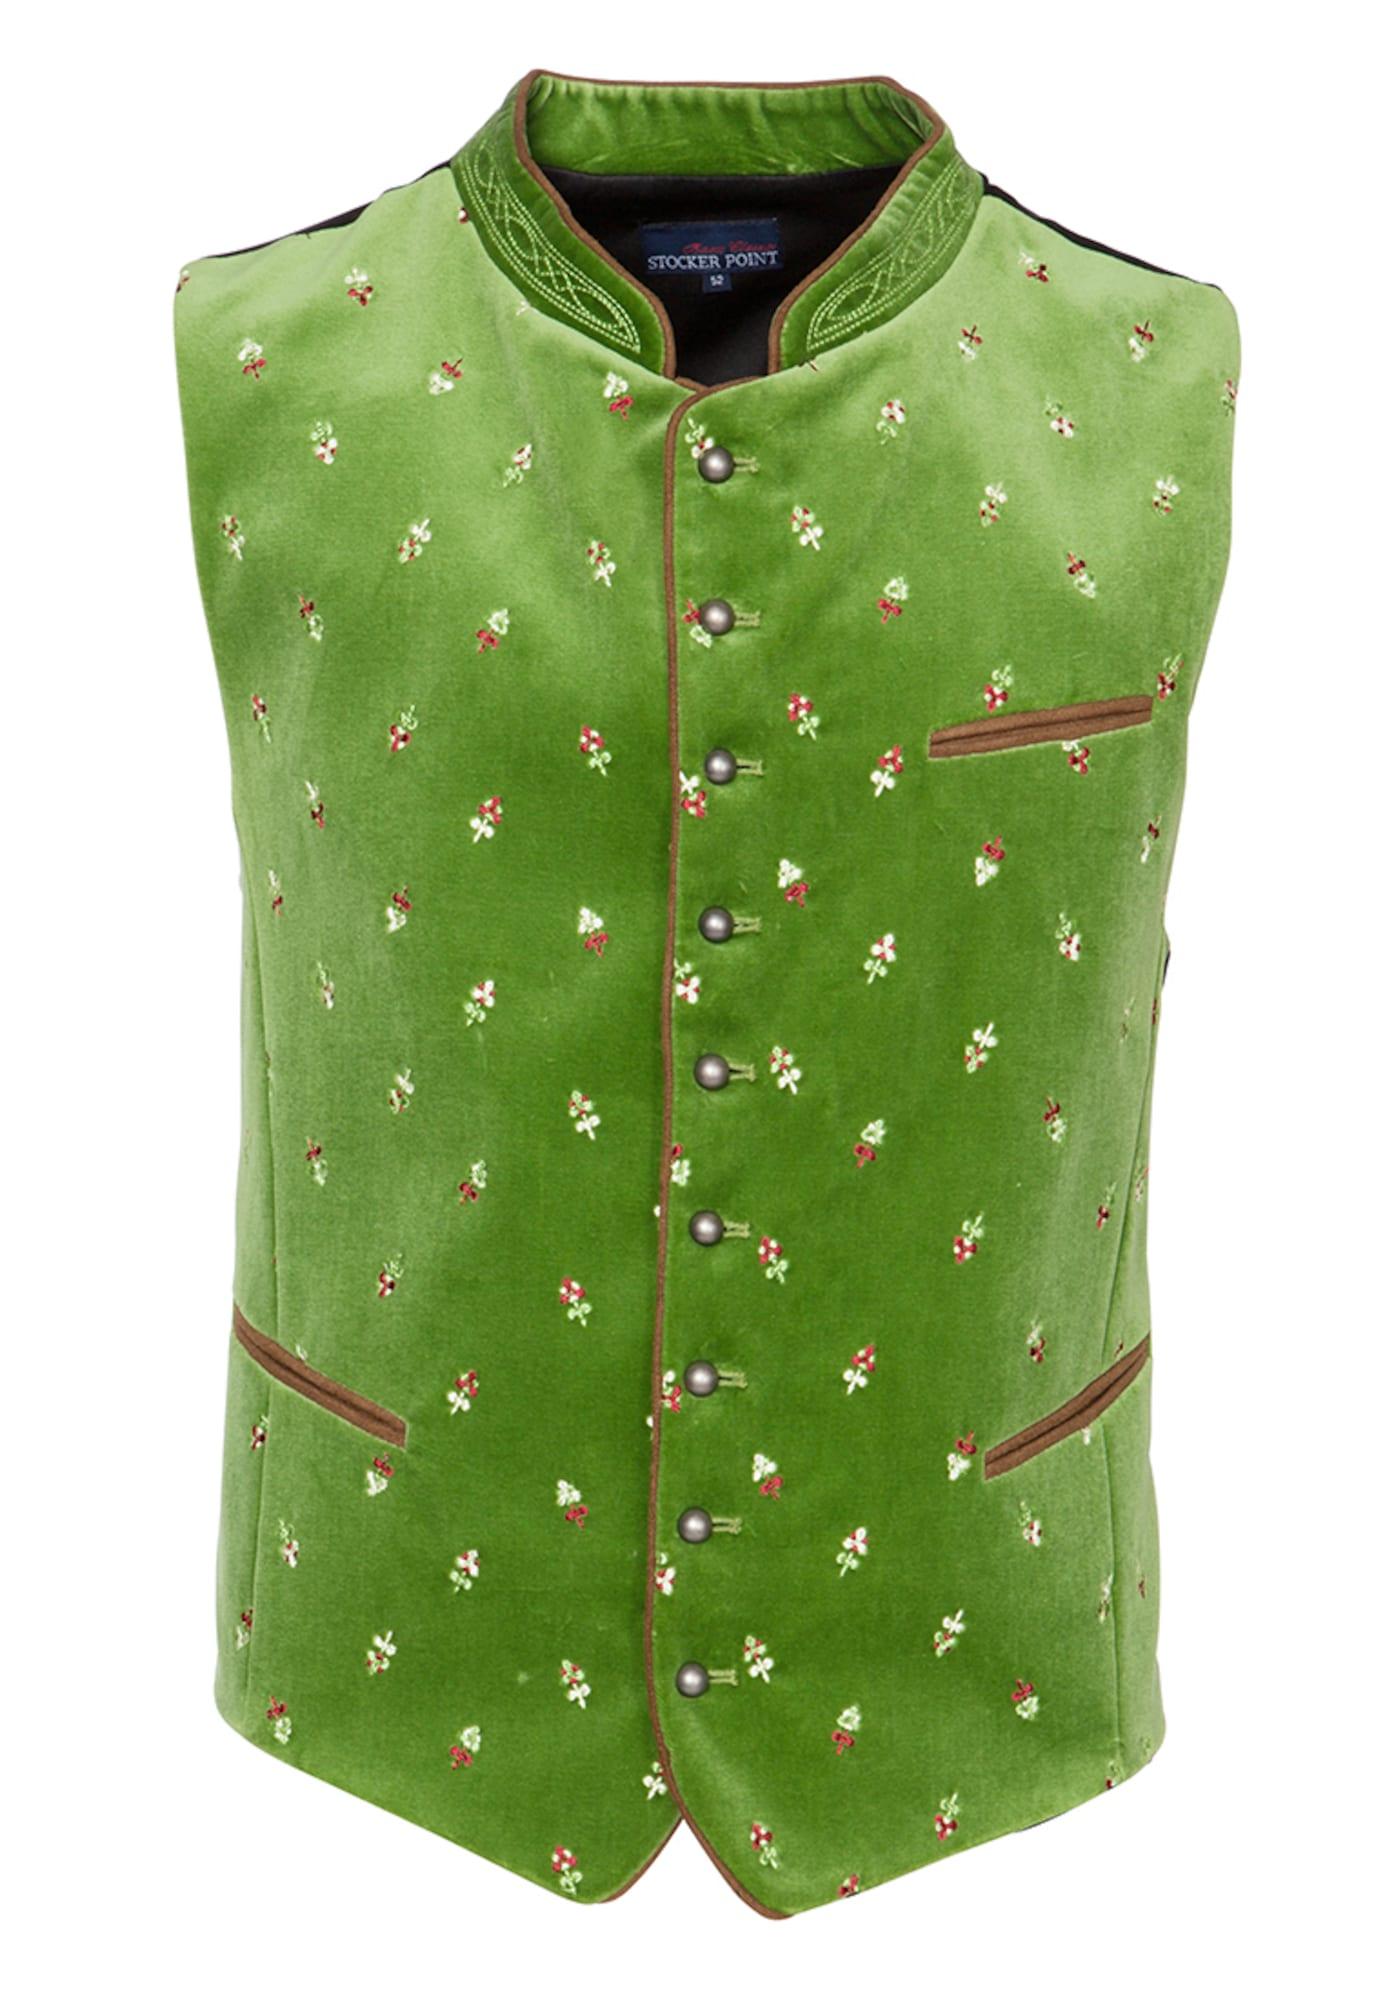 STOCKERPOINT Dalykinio stiliaus liemenė 'Calzado' žolės žalia